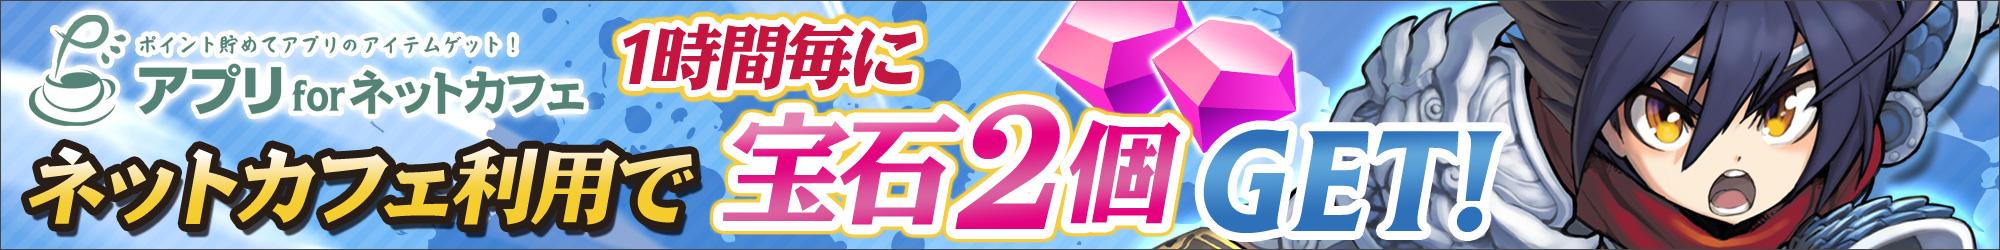 【キャンペーン開催】「アプリ for ネットカフェ」を使ってネカフェで「宝石」を手に入れよう!